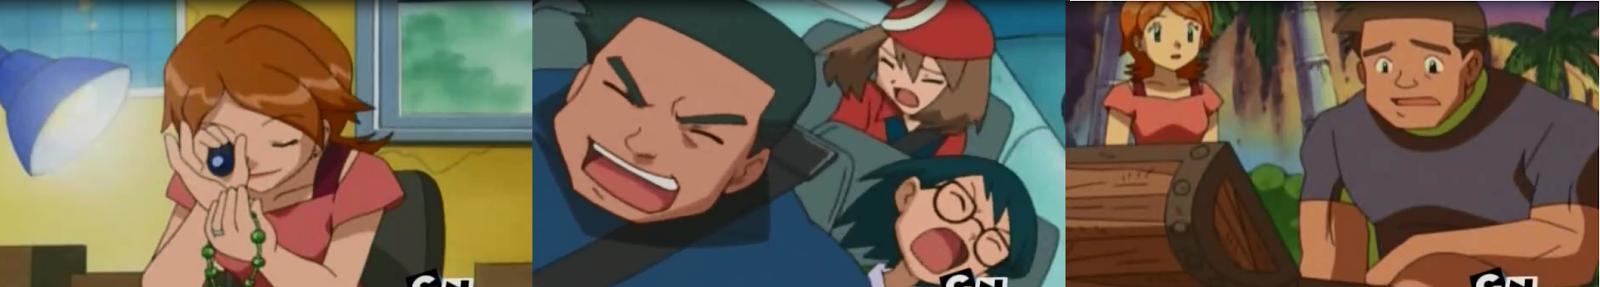 Pokemon Capitulo 2 Temporada 8 El Relicanth Sí Puede Hacerlo